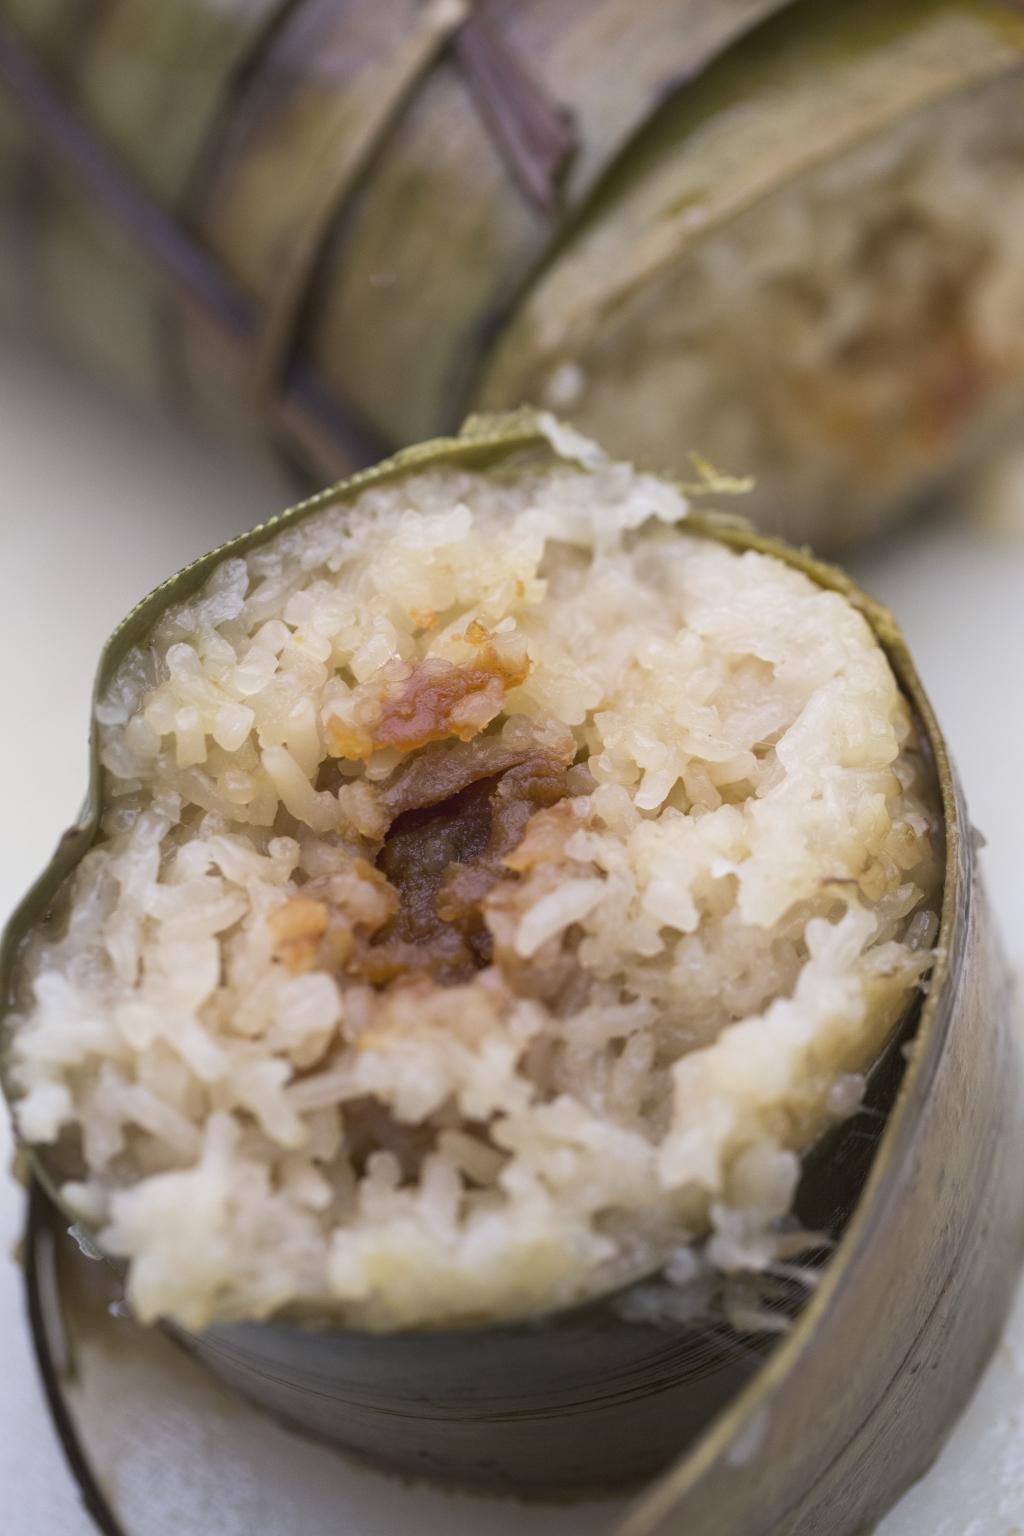 「糉,蘆葉裹米也。」雖然中山人用的並非荷葉,卻用上當地盛產的蘆兜,一樣葉香飄飄。